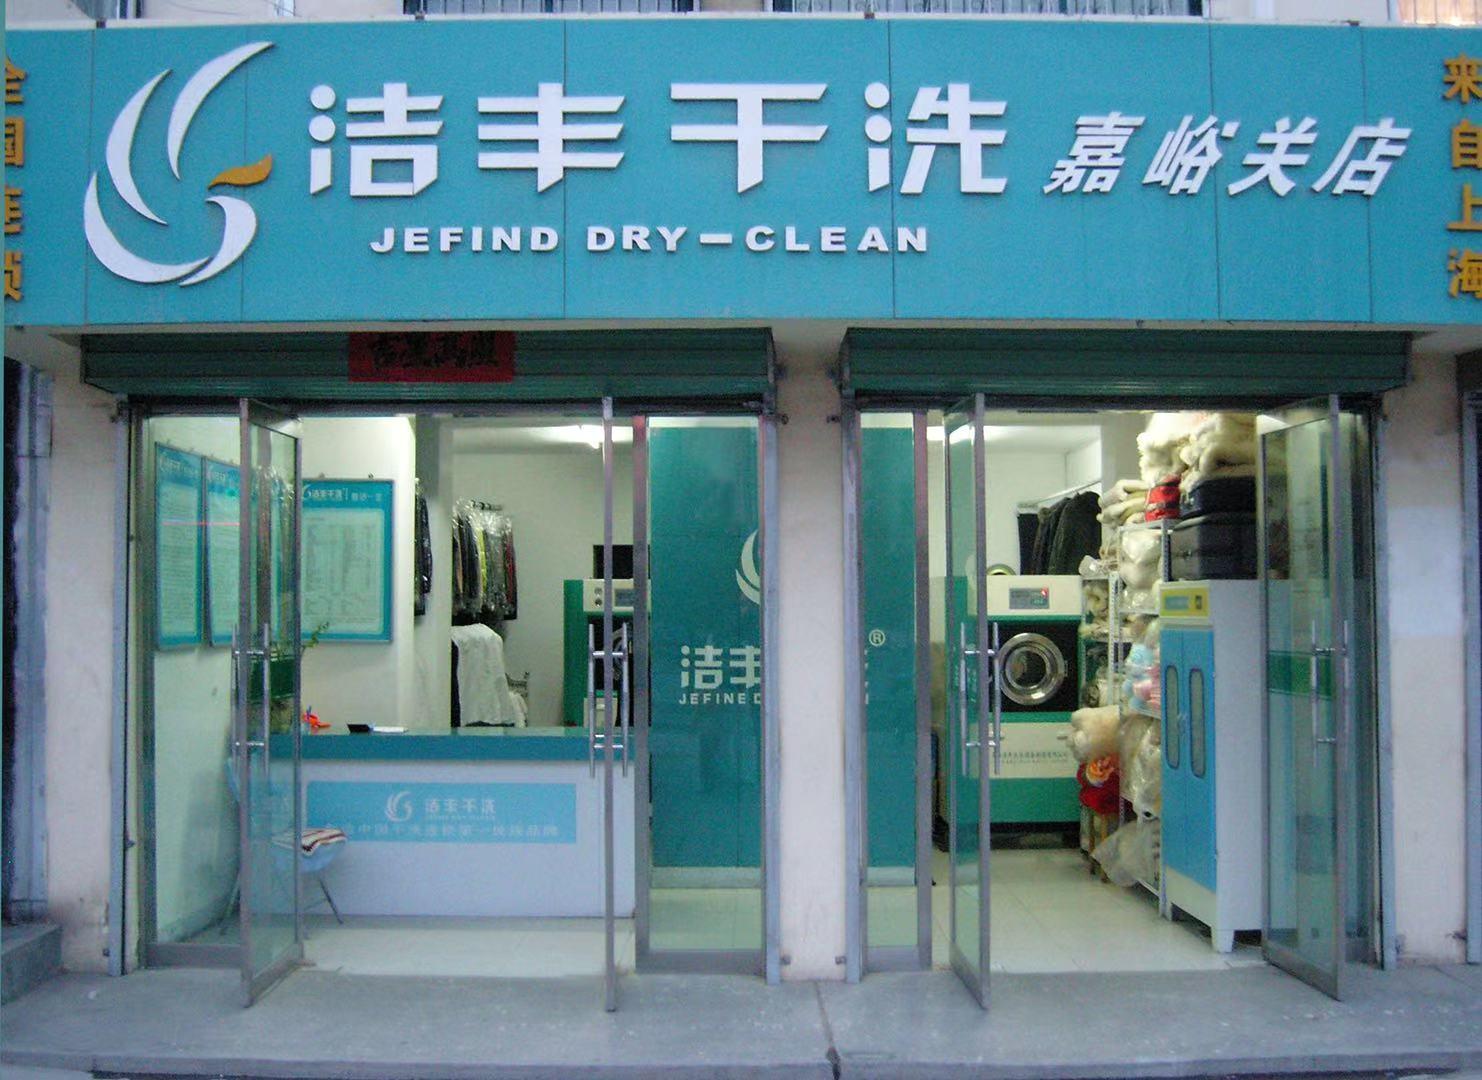 开一间干洗店是怎么样的呢